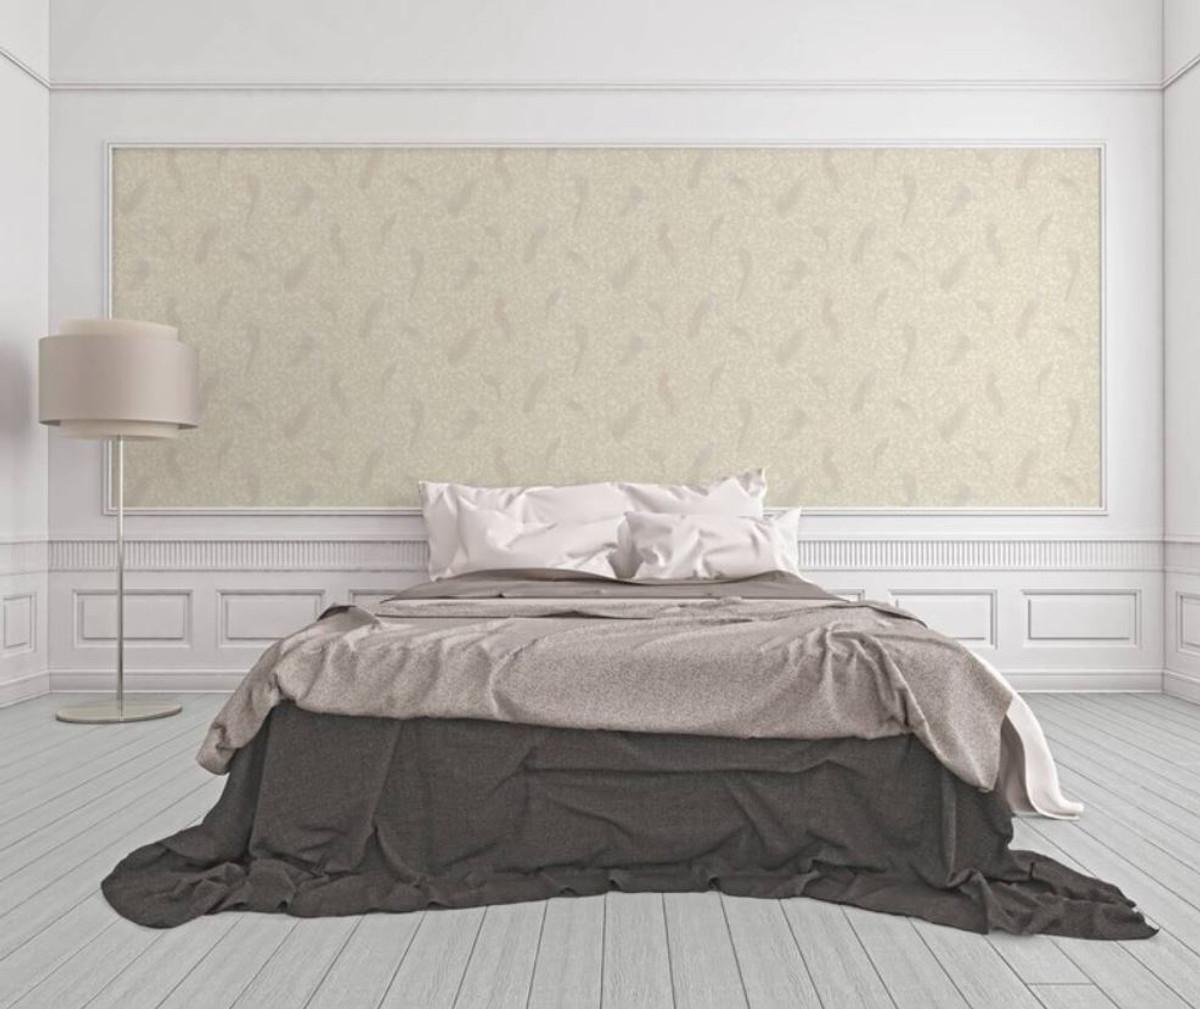 Versace Designer Barock Vliestapete IV 37053-5 - Creme / Beige - Design Tapete - Hochwertige Qualität 2